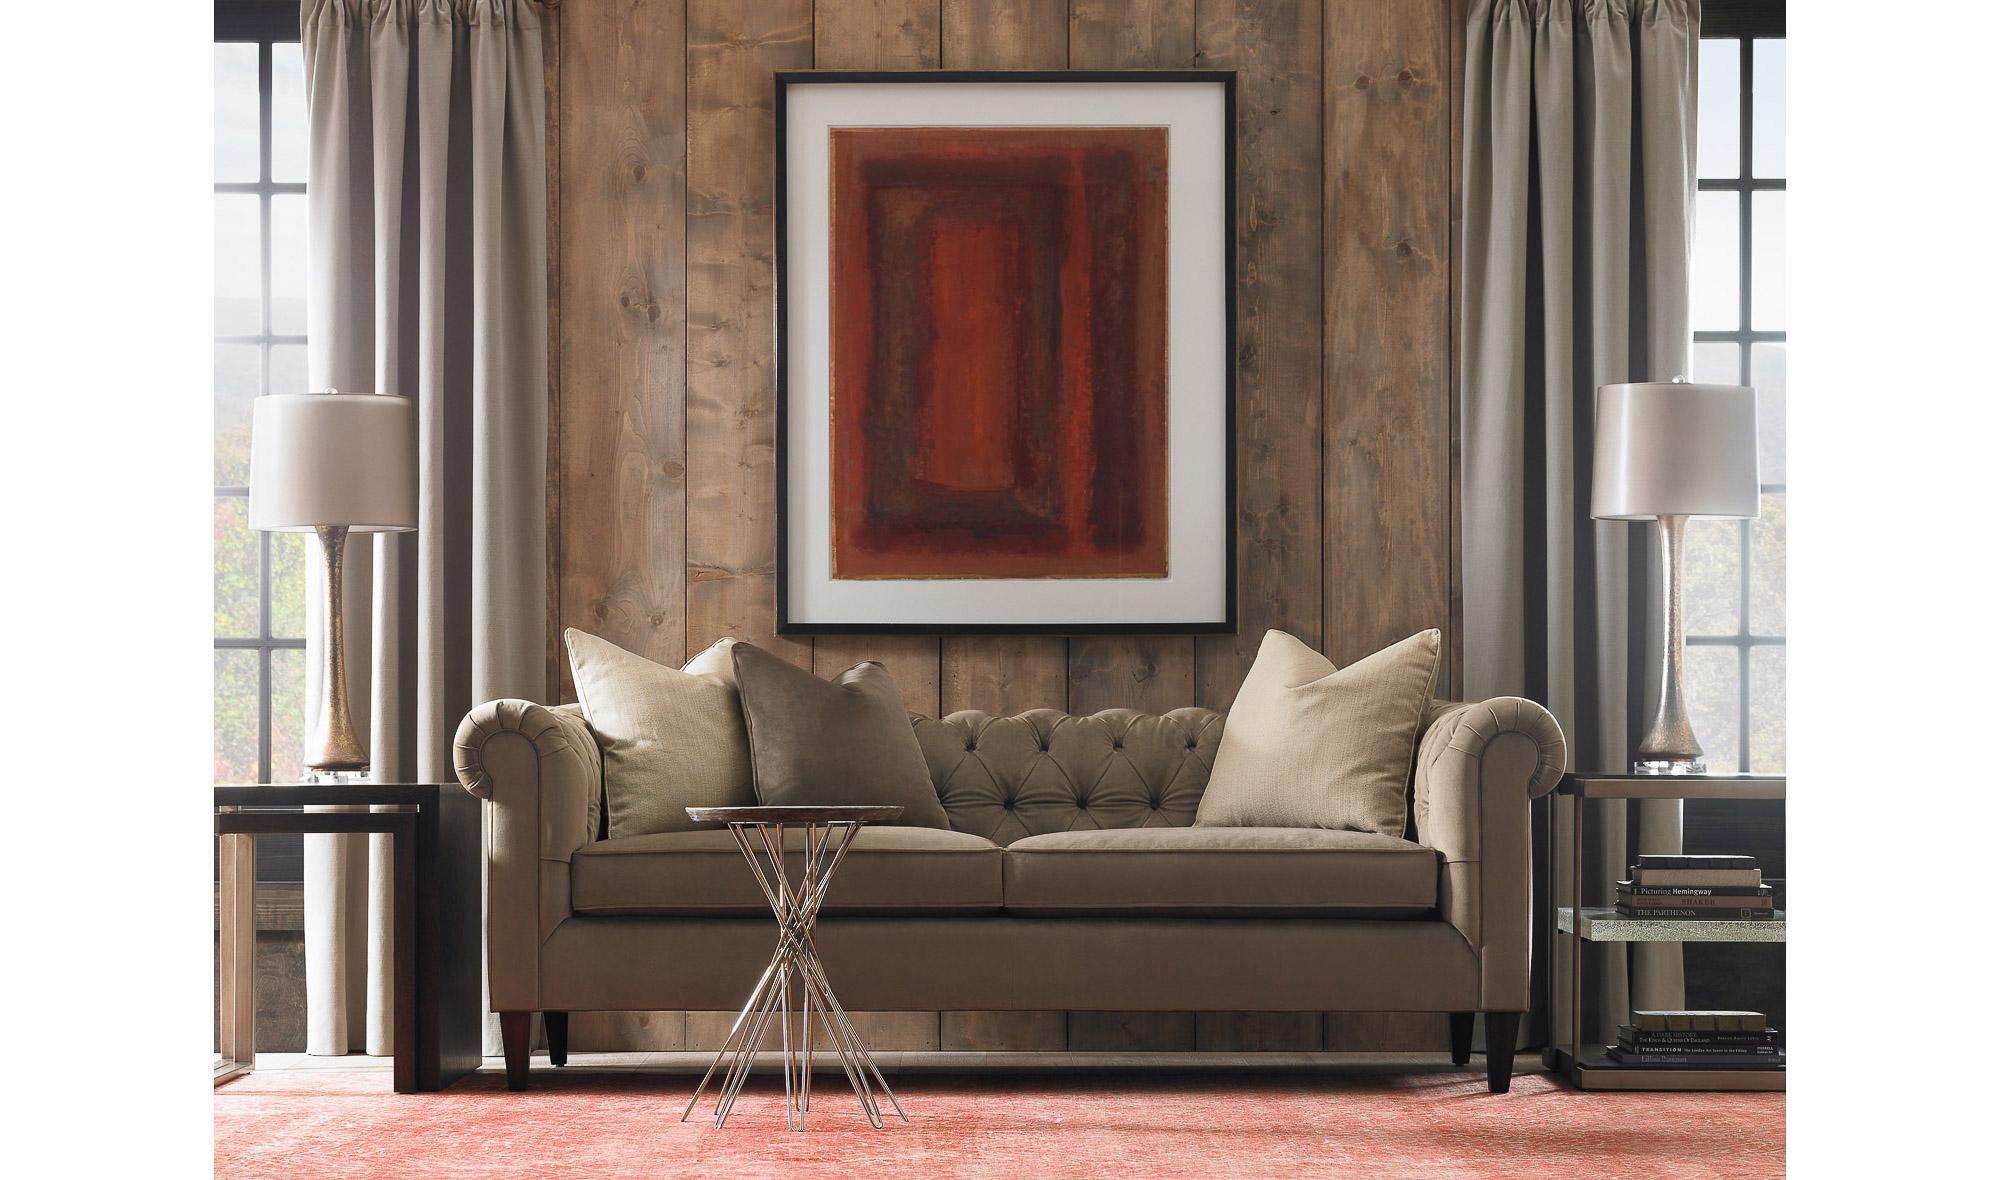 Sal n bellevue artisan en for Artisan muebles